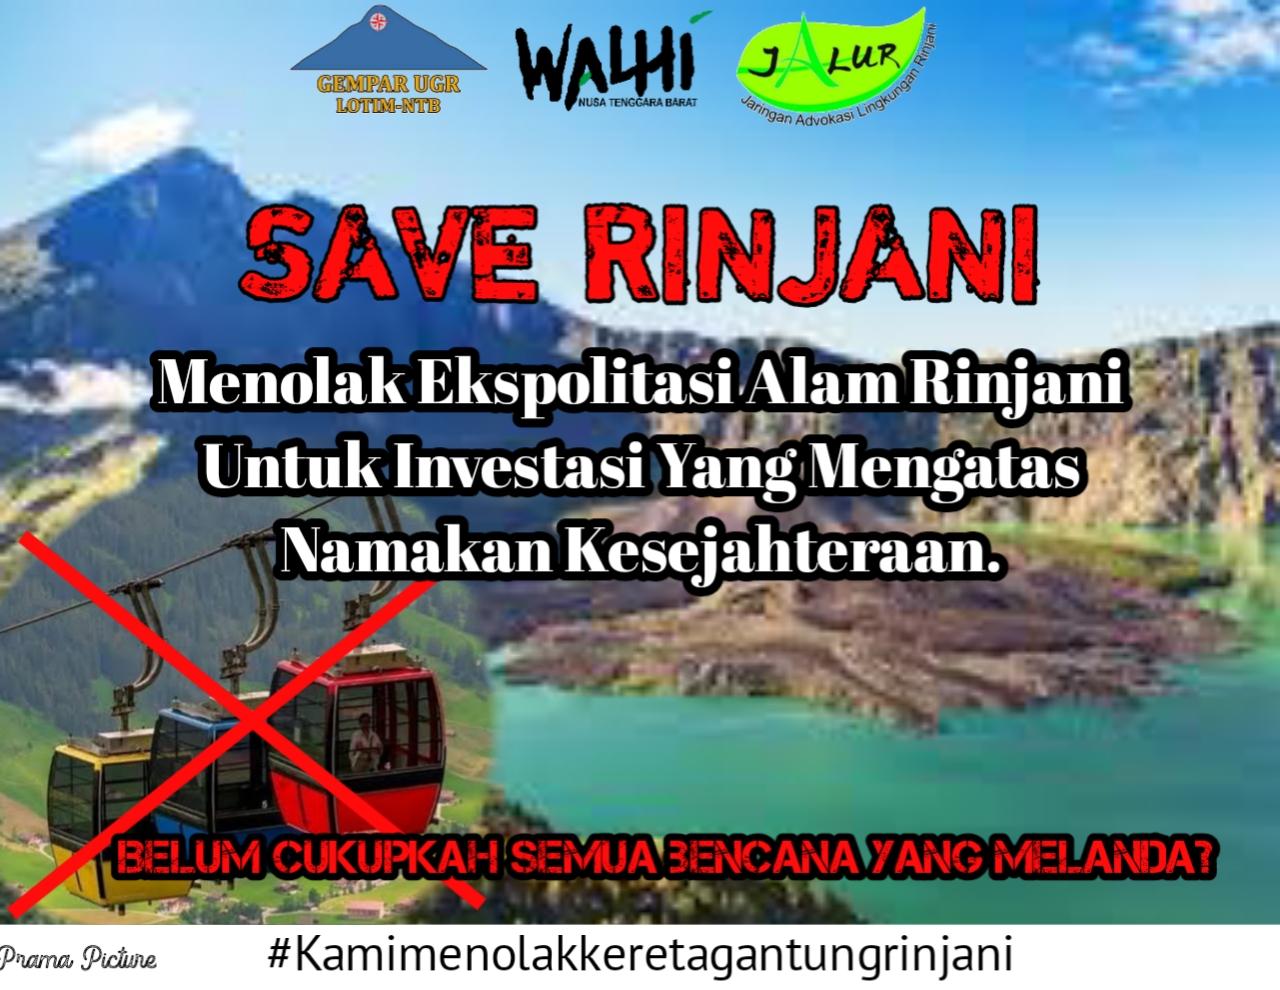 Keindahan Alam Gunung Rinjani. Source: https://www.merdeka.com/gaya/terpana-di-tengah-pesona-taman-nasional-gunung-rinjani.html